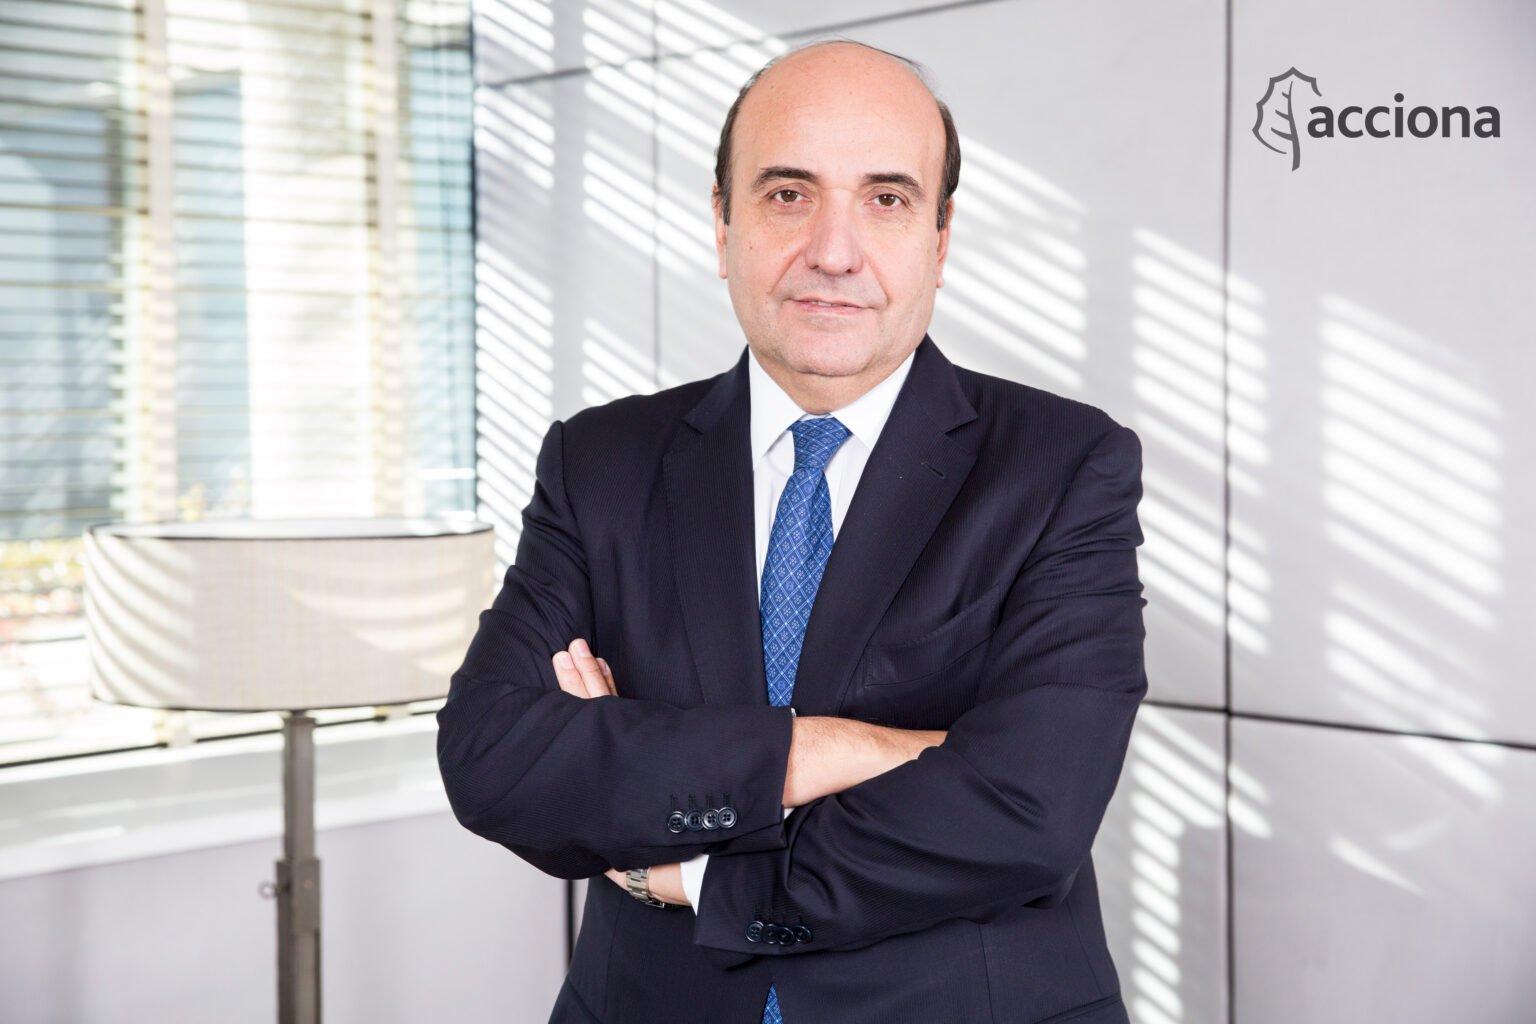 Rafael-Mateo-CEO-de-Energía-de-ACCIONA-1536x1024